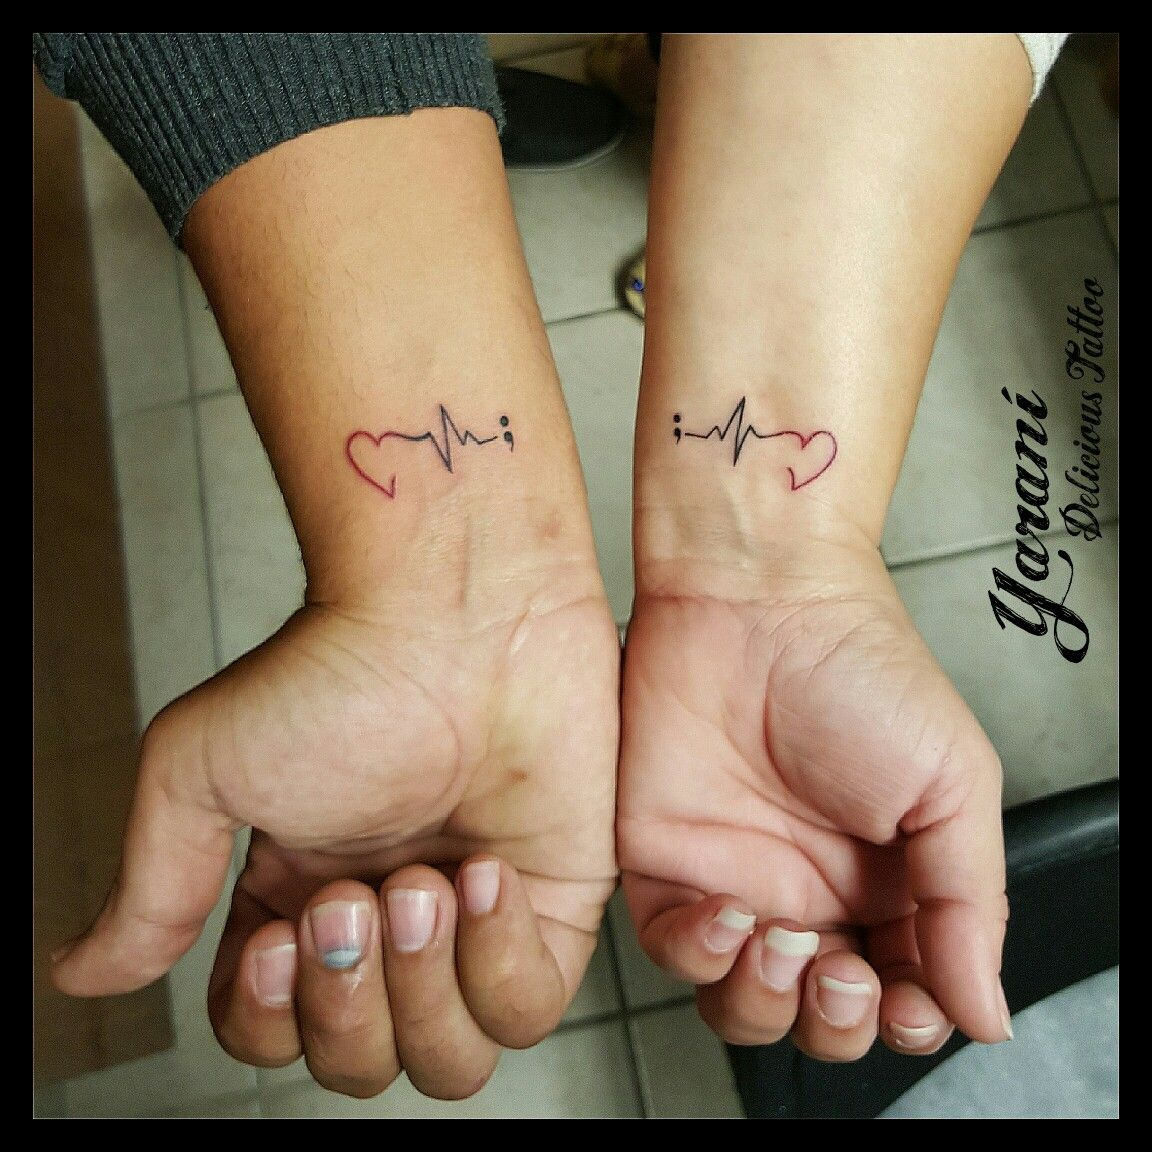 38+ Awesome Tattoo de parejas con significado ideas